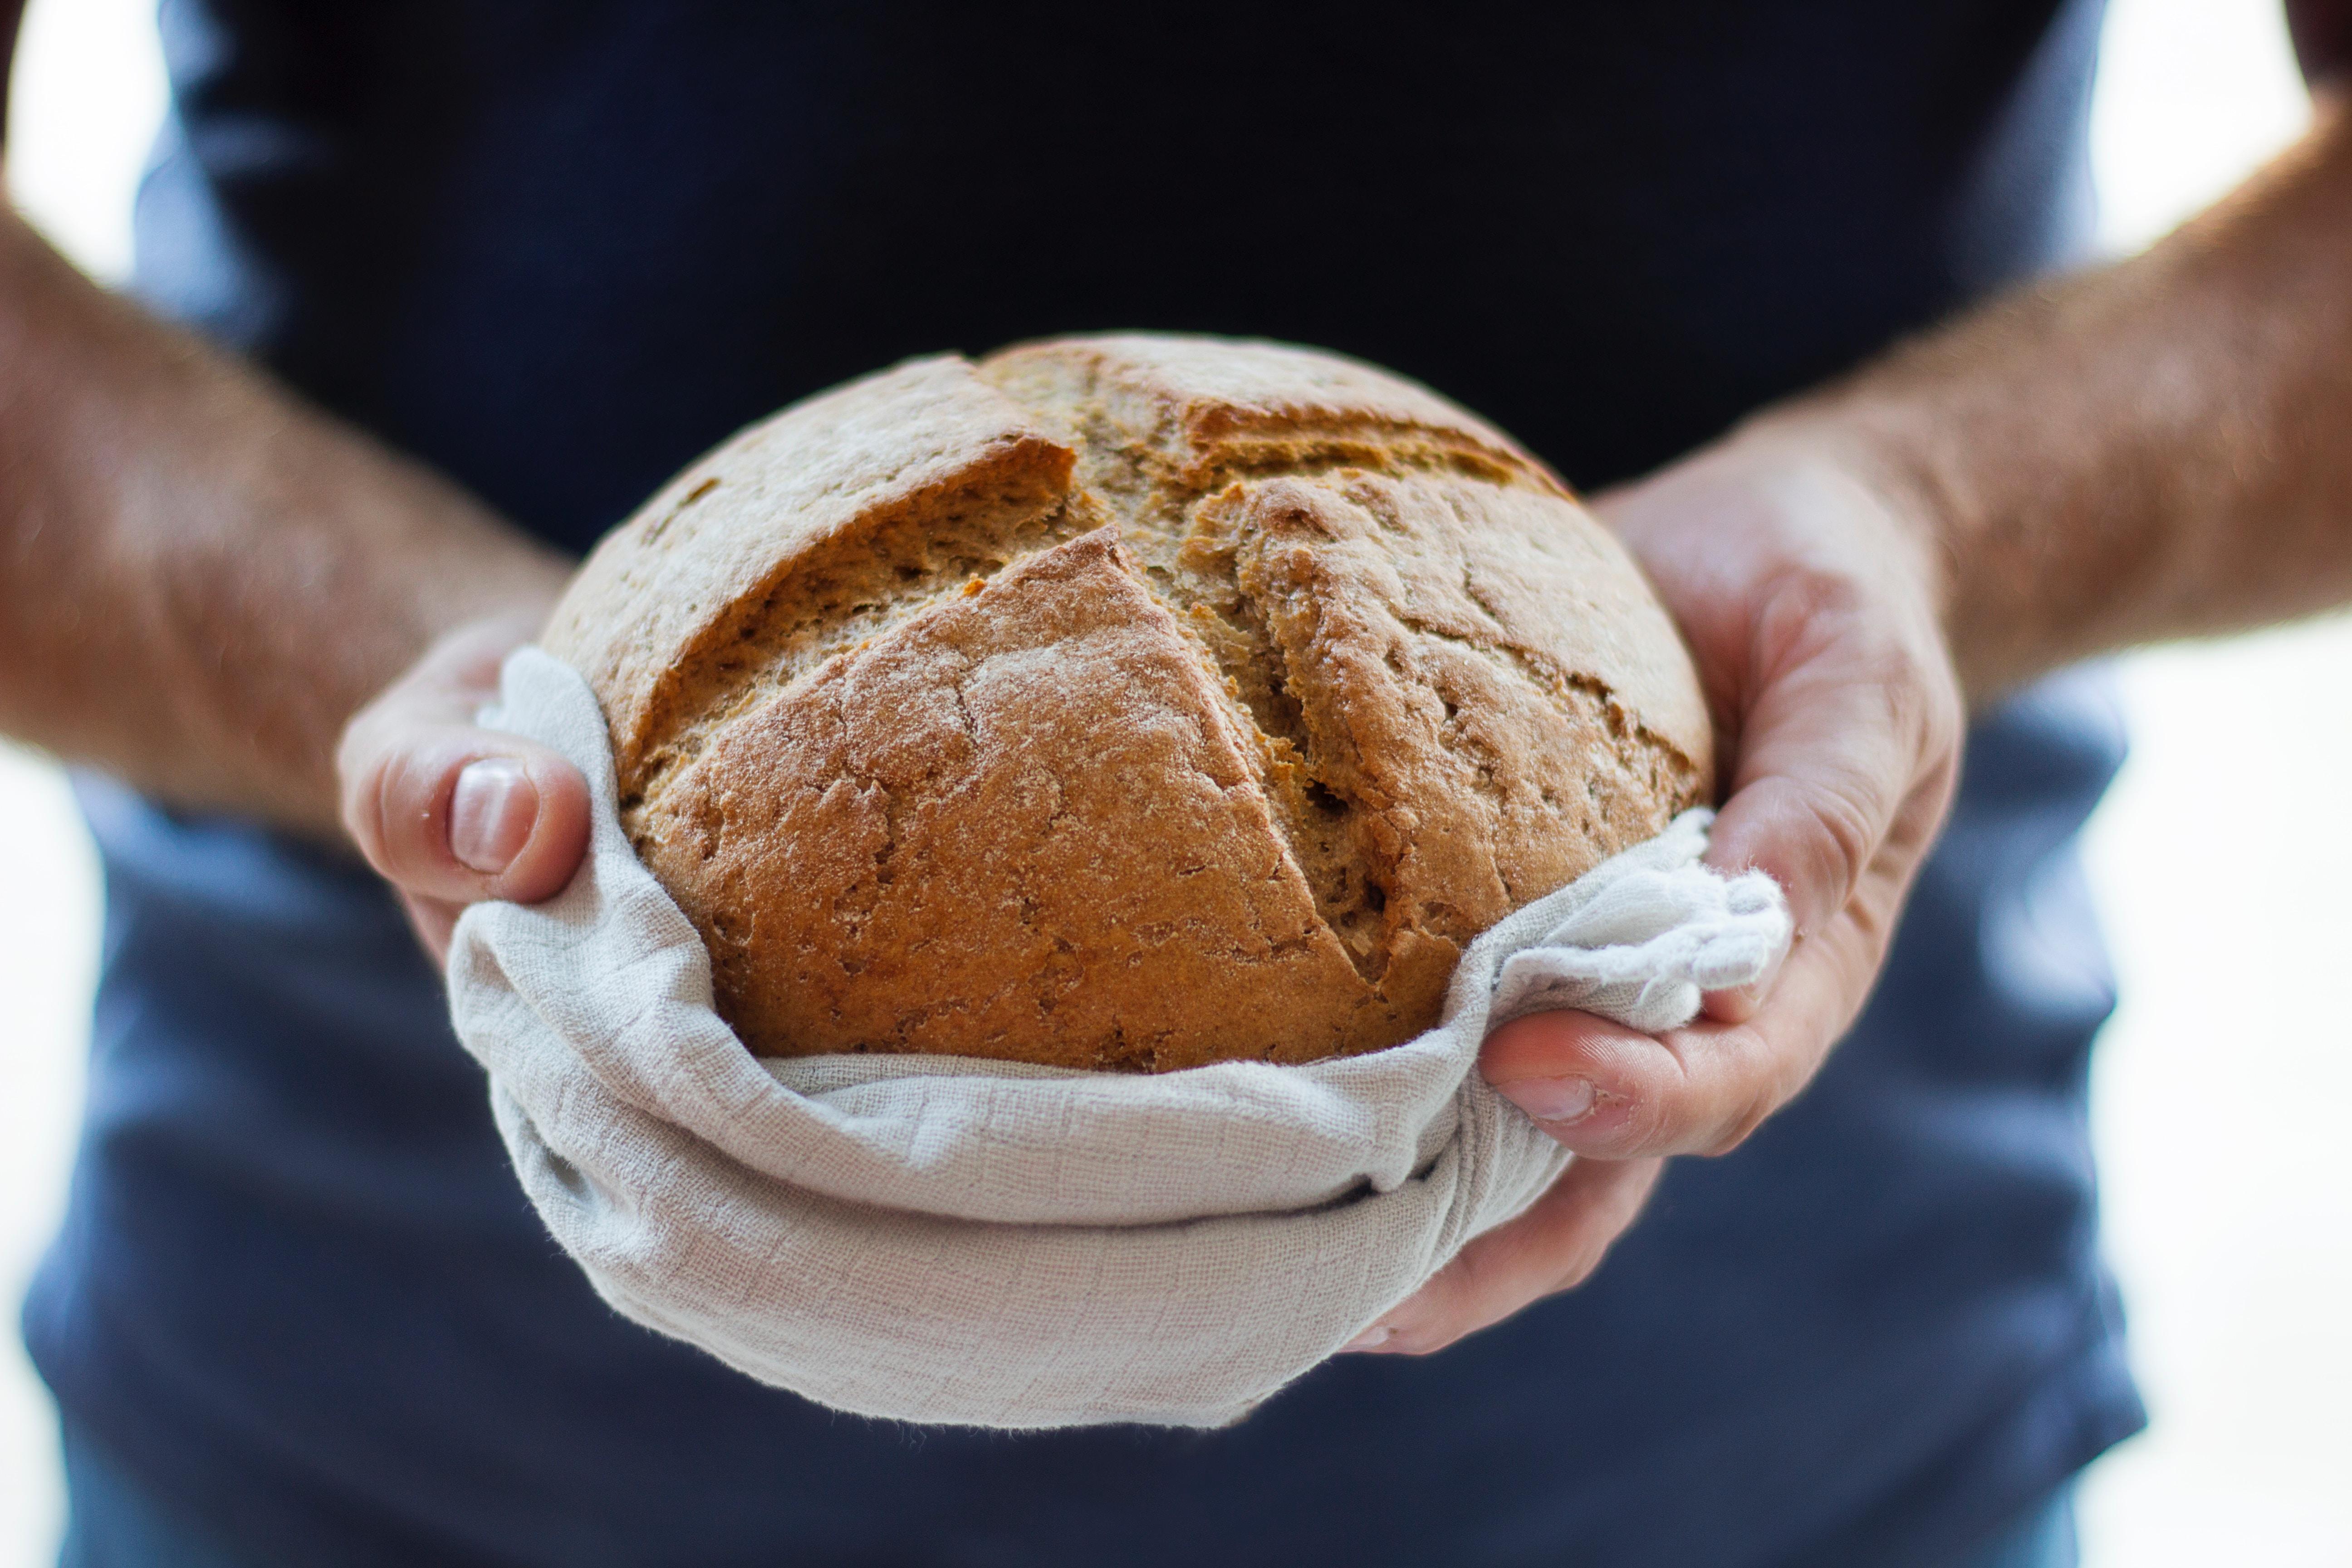 Hablamos de mitos: el pan engorda ¿sí o no?